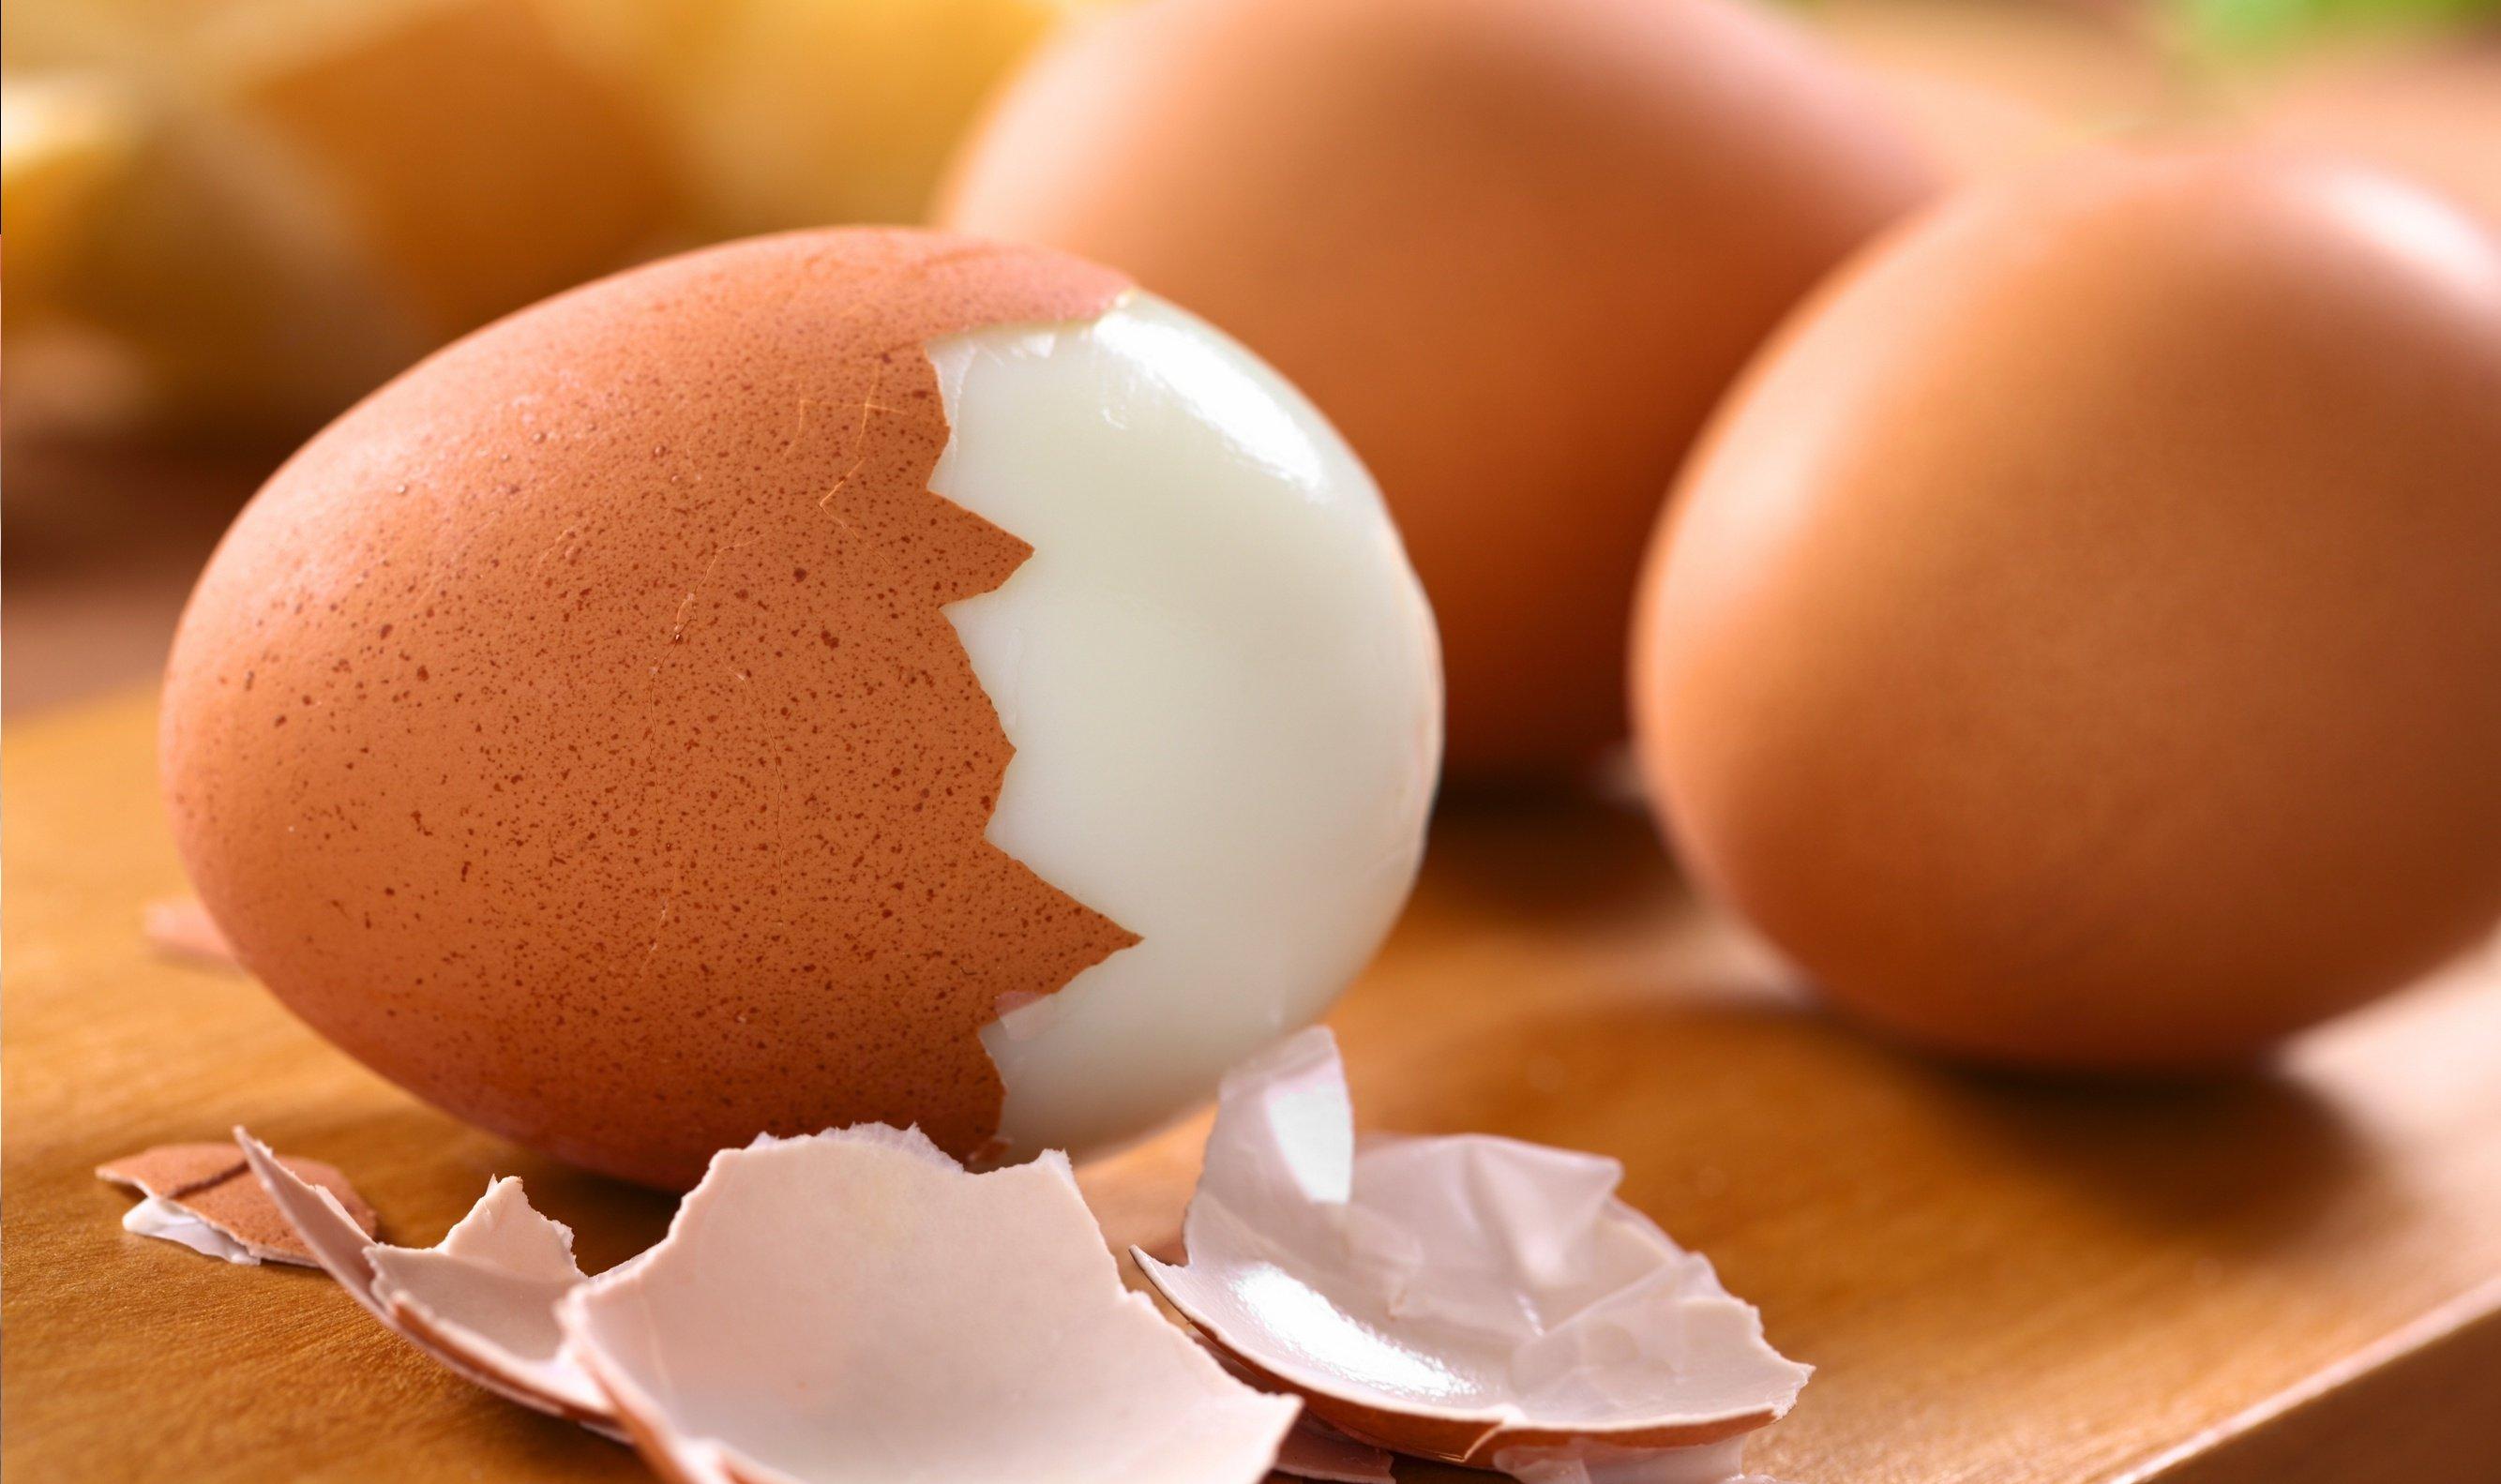 Яйцо куриное - полезные свойства, состав и противопоказания (+ 20 фото)